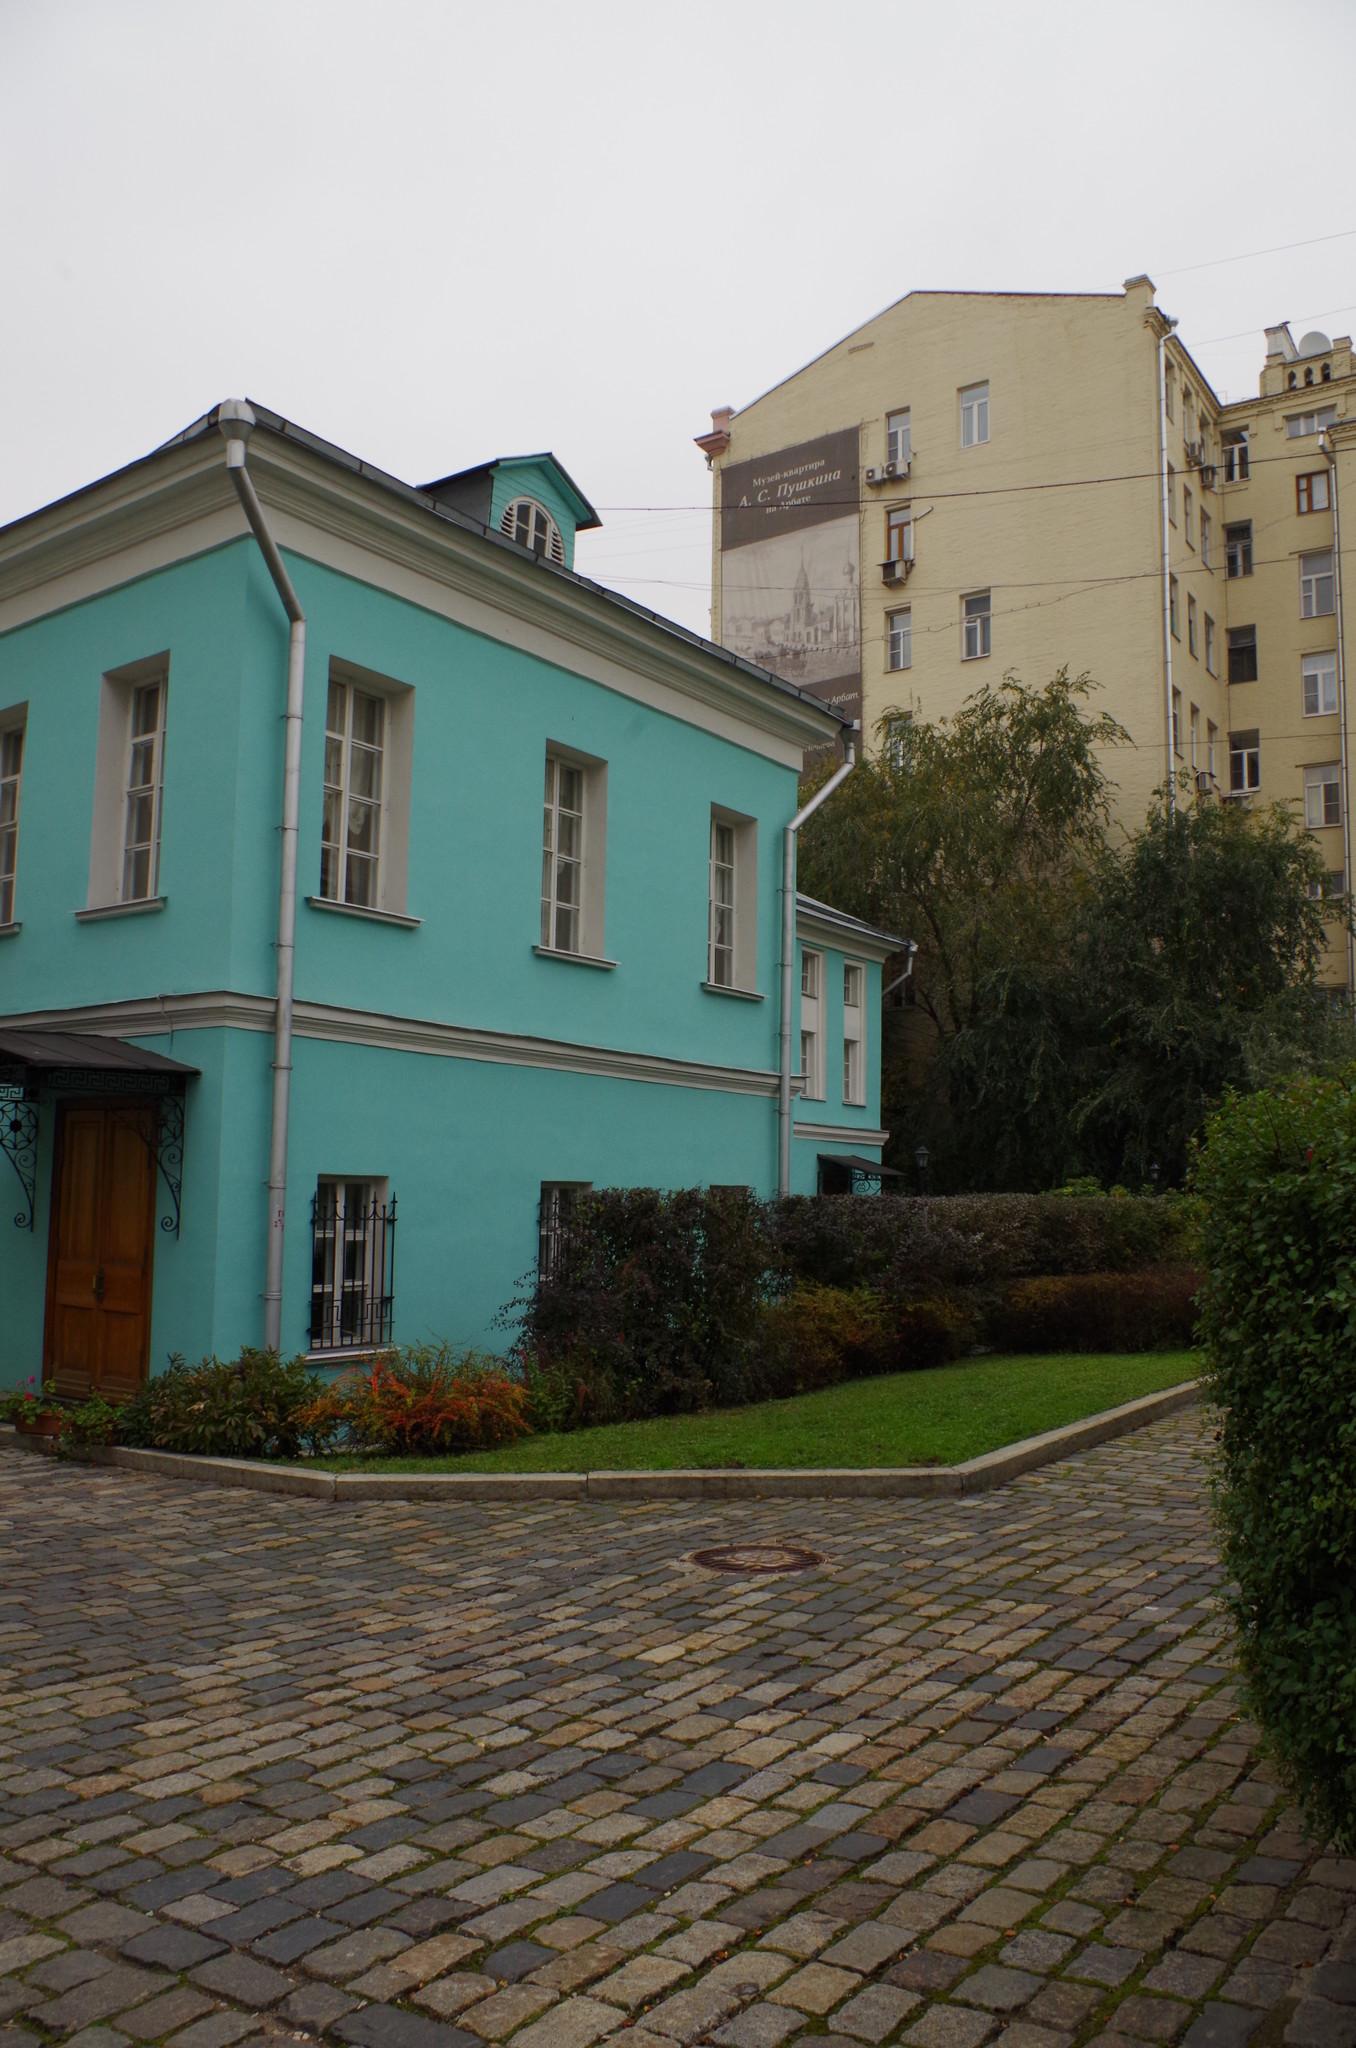 В доме № 53 по улице Арбат располагается музей «Мемориальная квартира А.С. Пушкина»